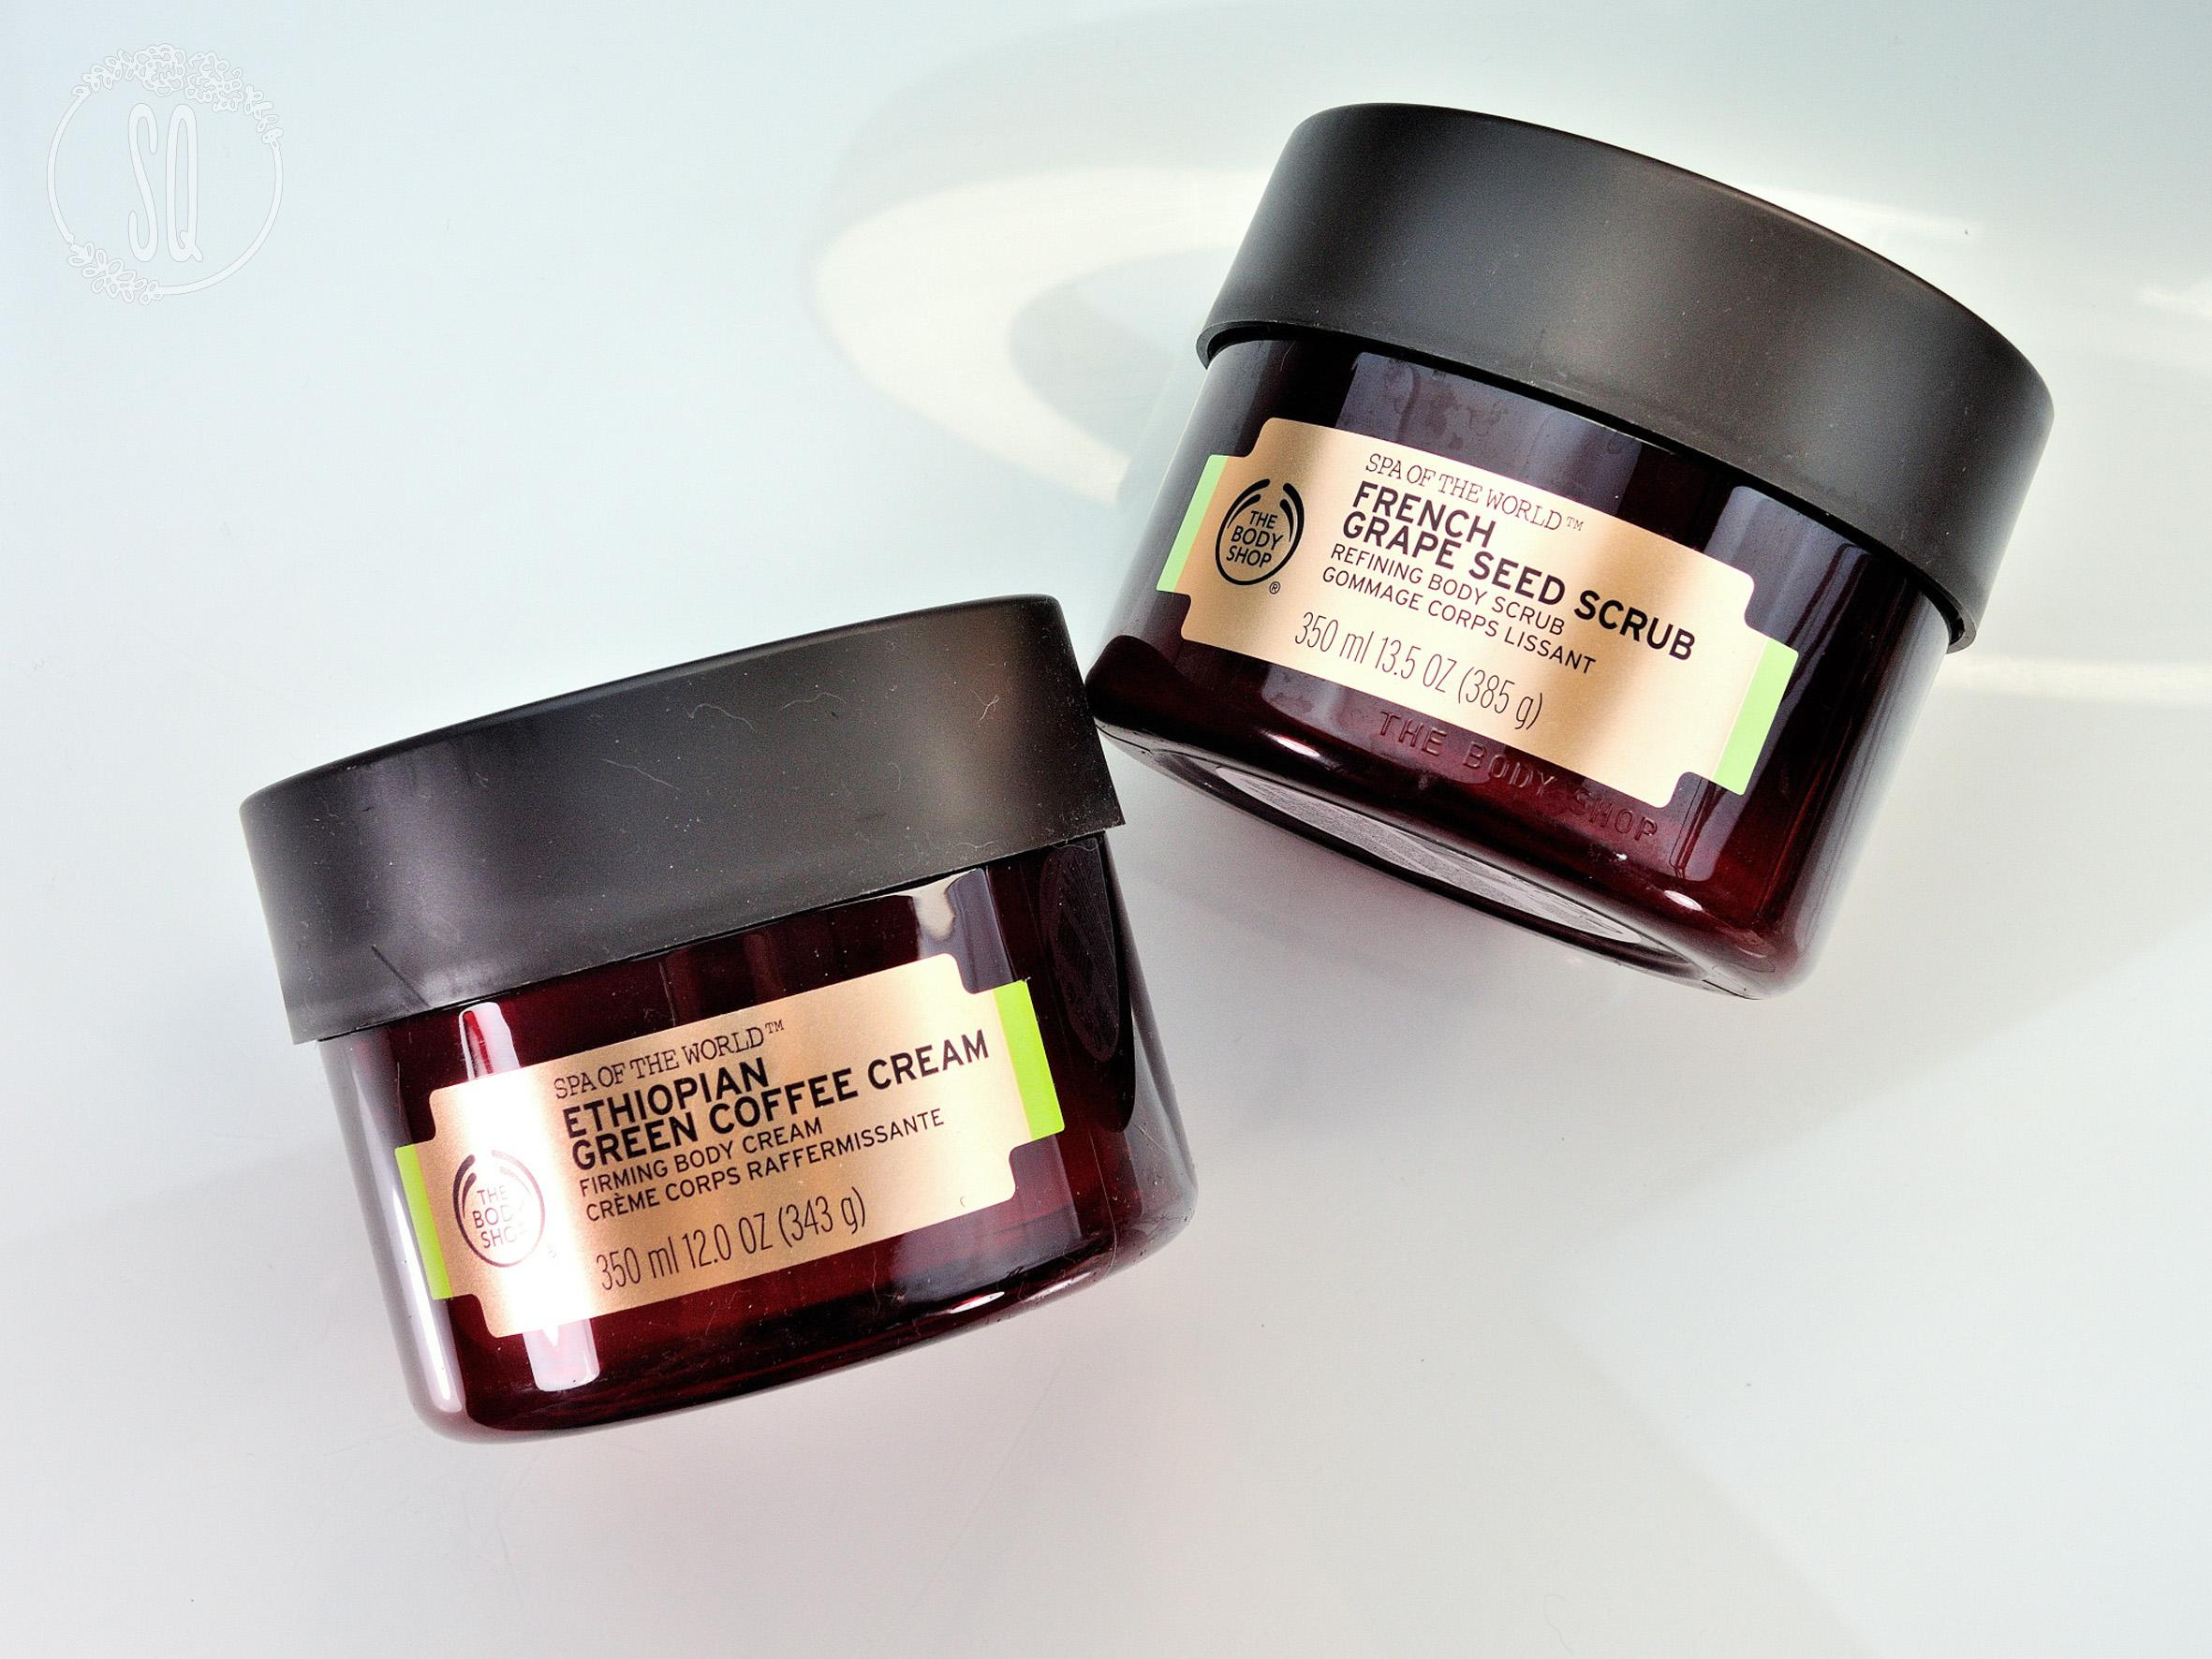 Nuevos productos de la línea de Spa of the World de The Body Shop